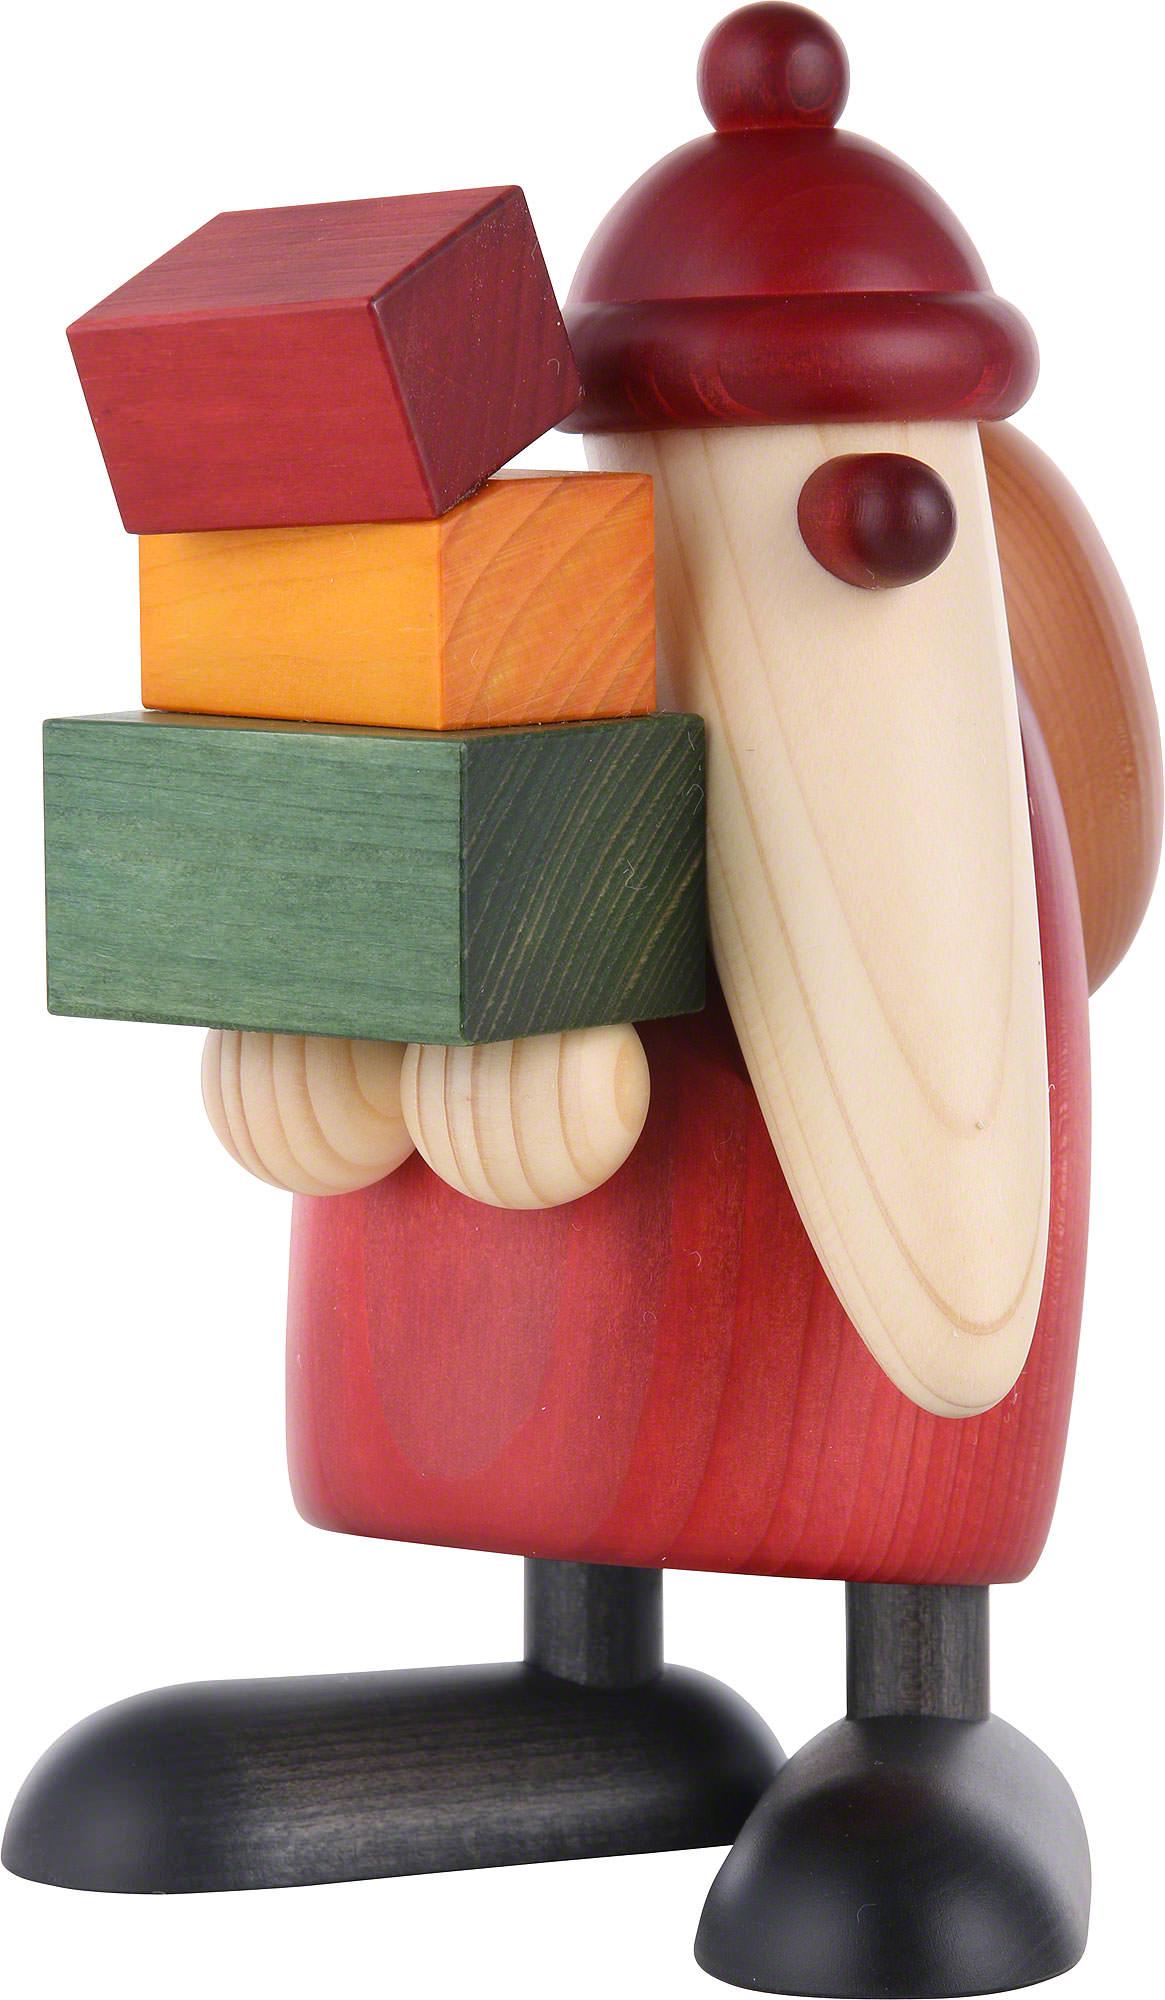 weihnachtsmann geschenke tragend 19cm von bj rn k hler kunsthandwerk. Black Bedroom Furniture Sets. Home Design Ideas